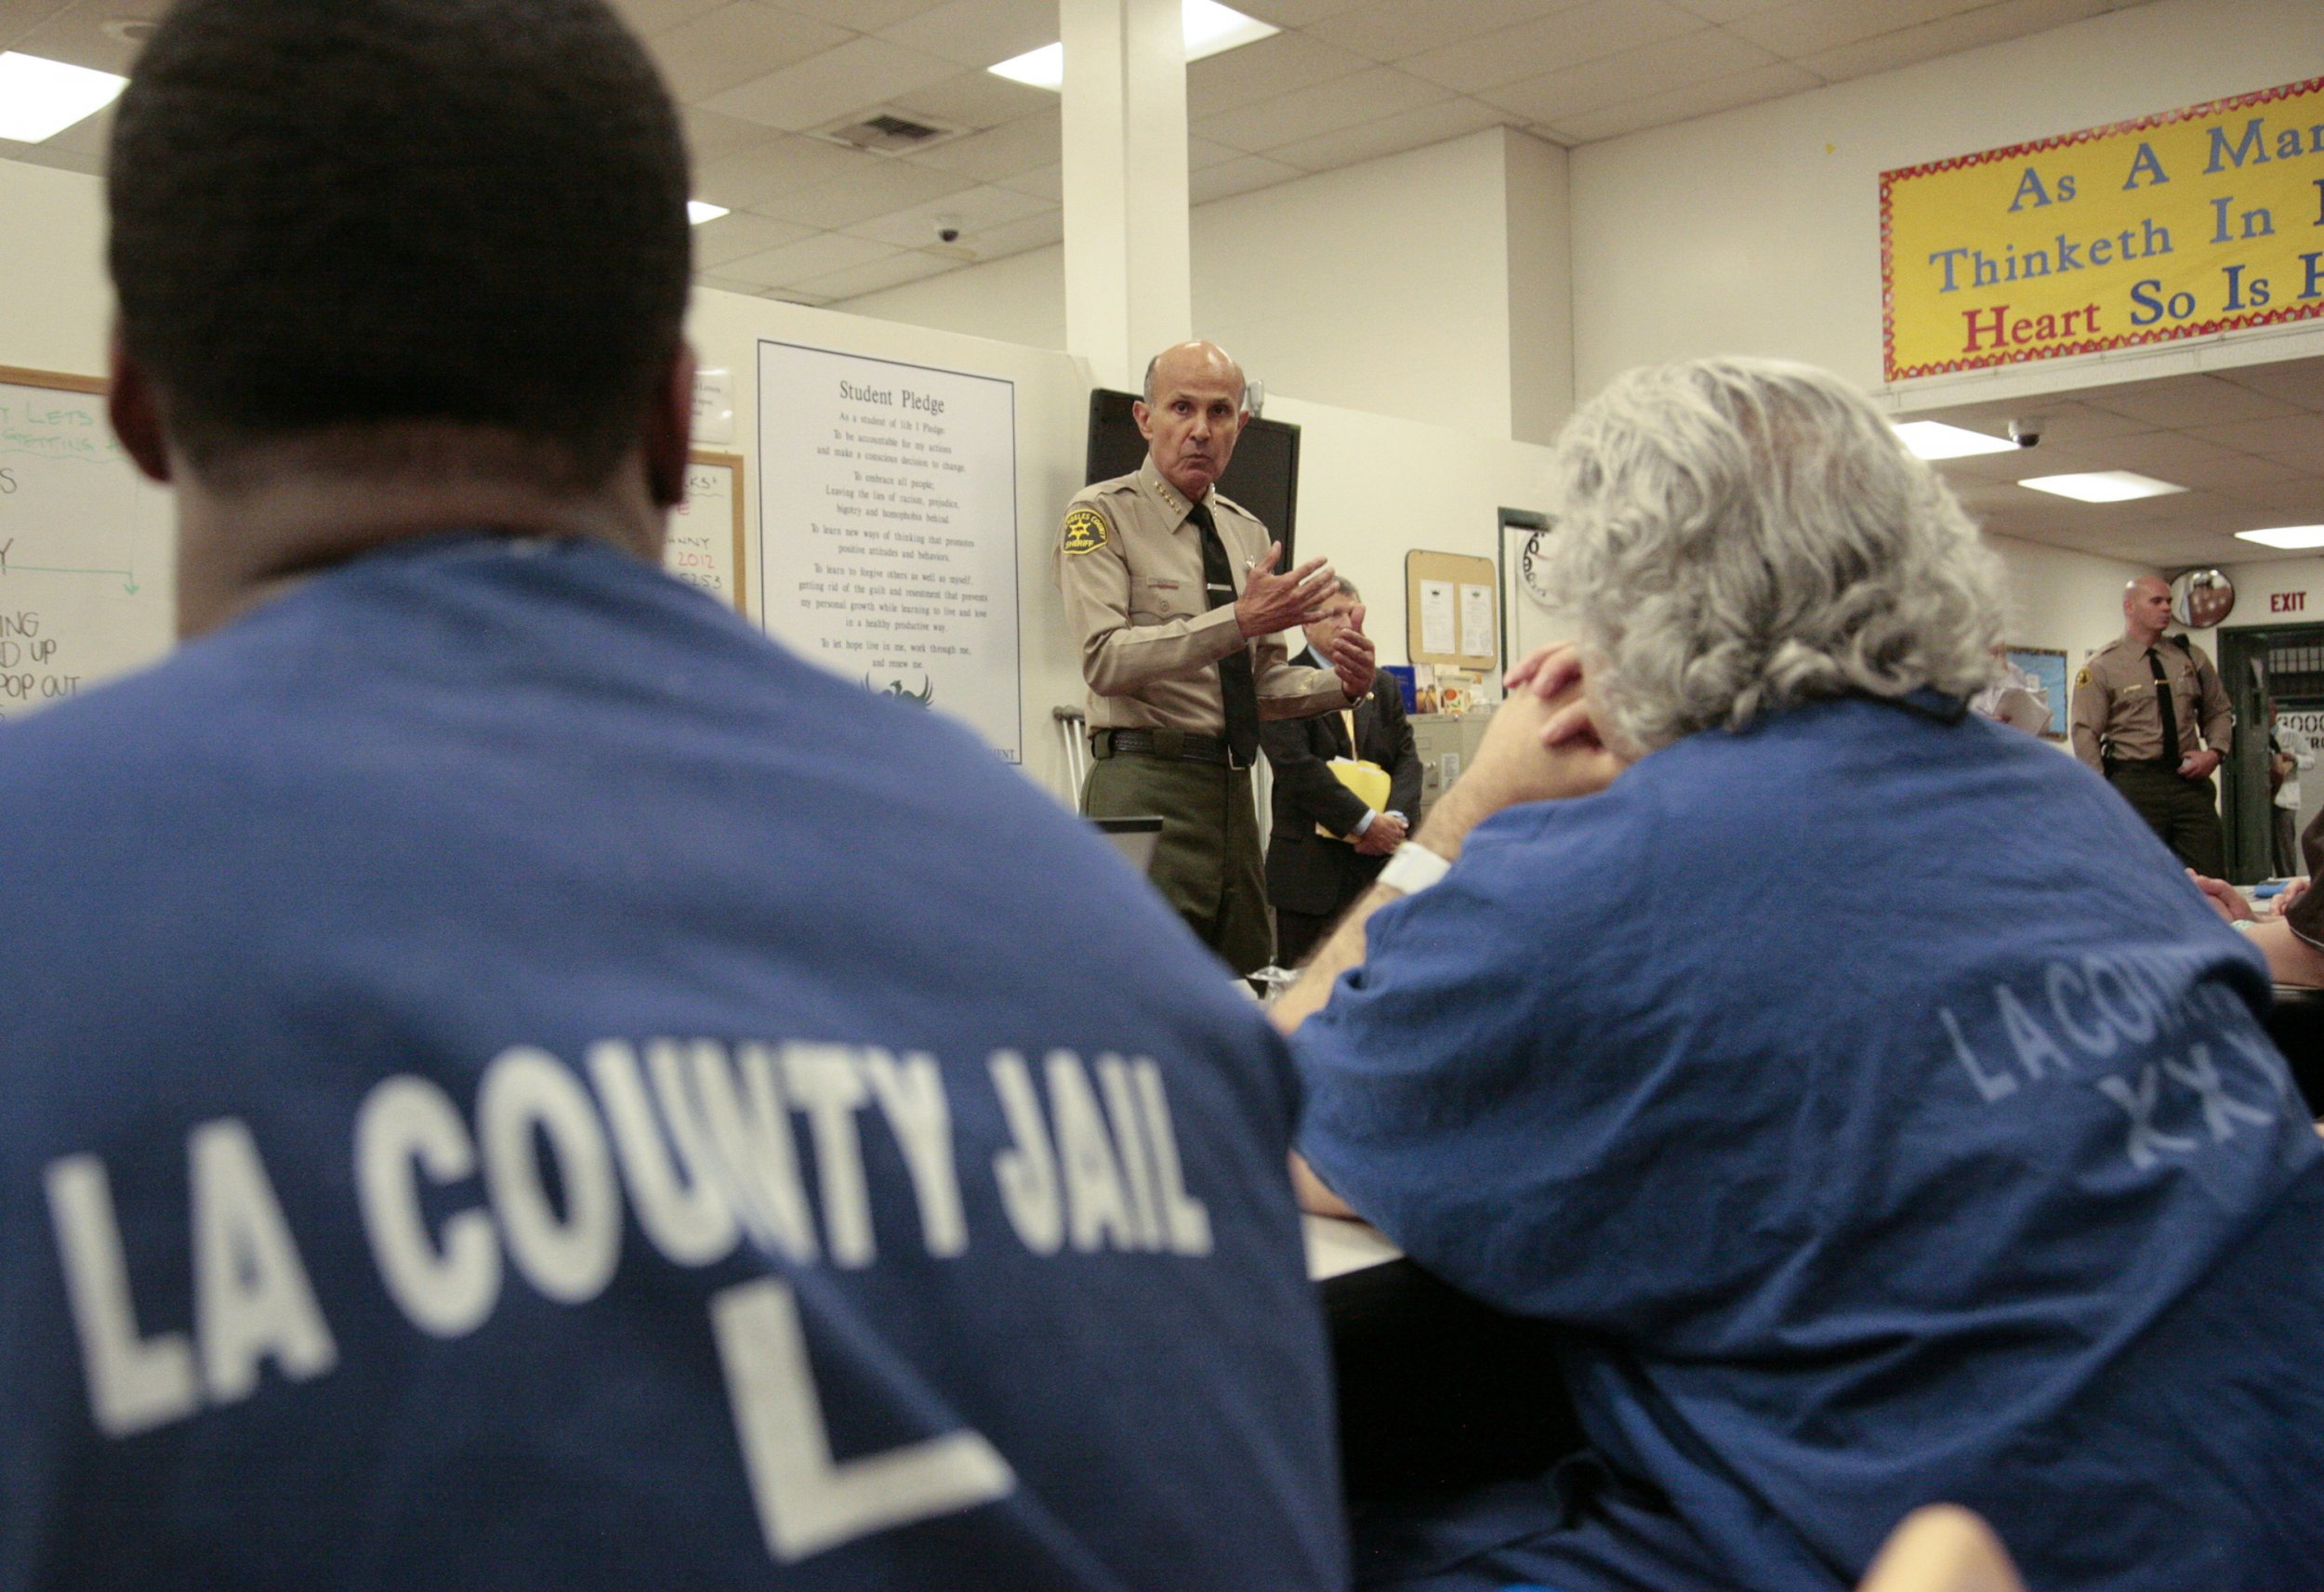 0710_la_county_jail